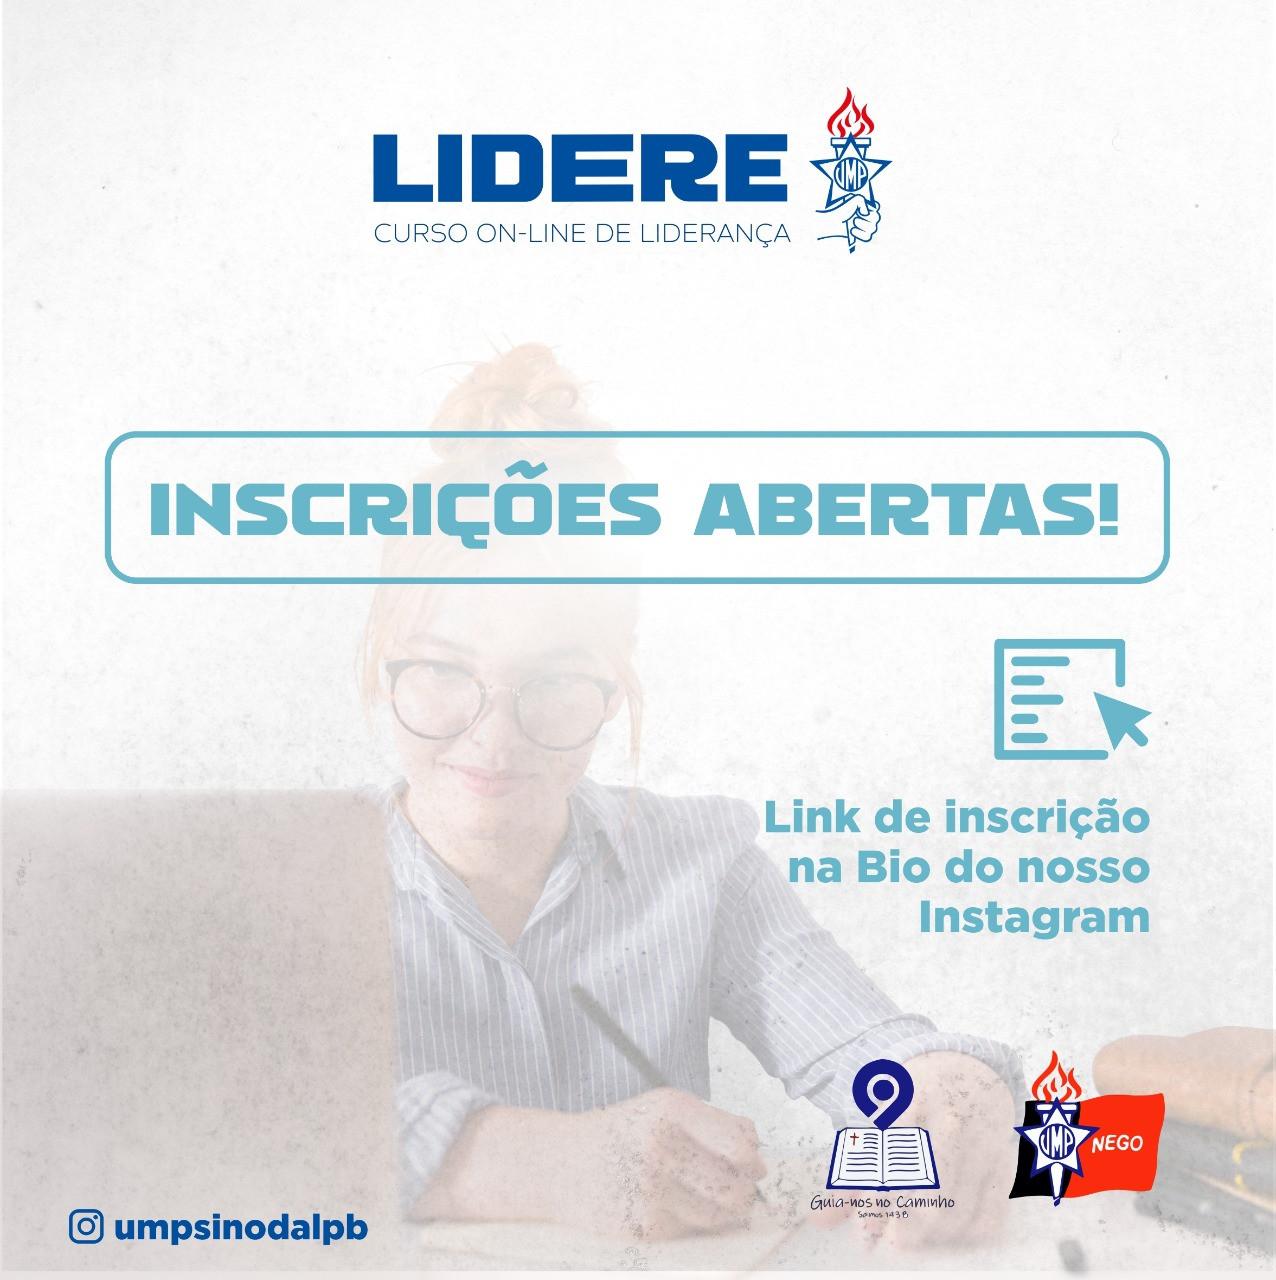 Inscries-Abertas-0_20210403-174618_1